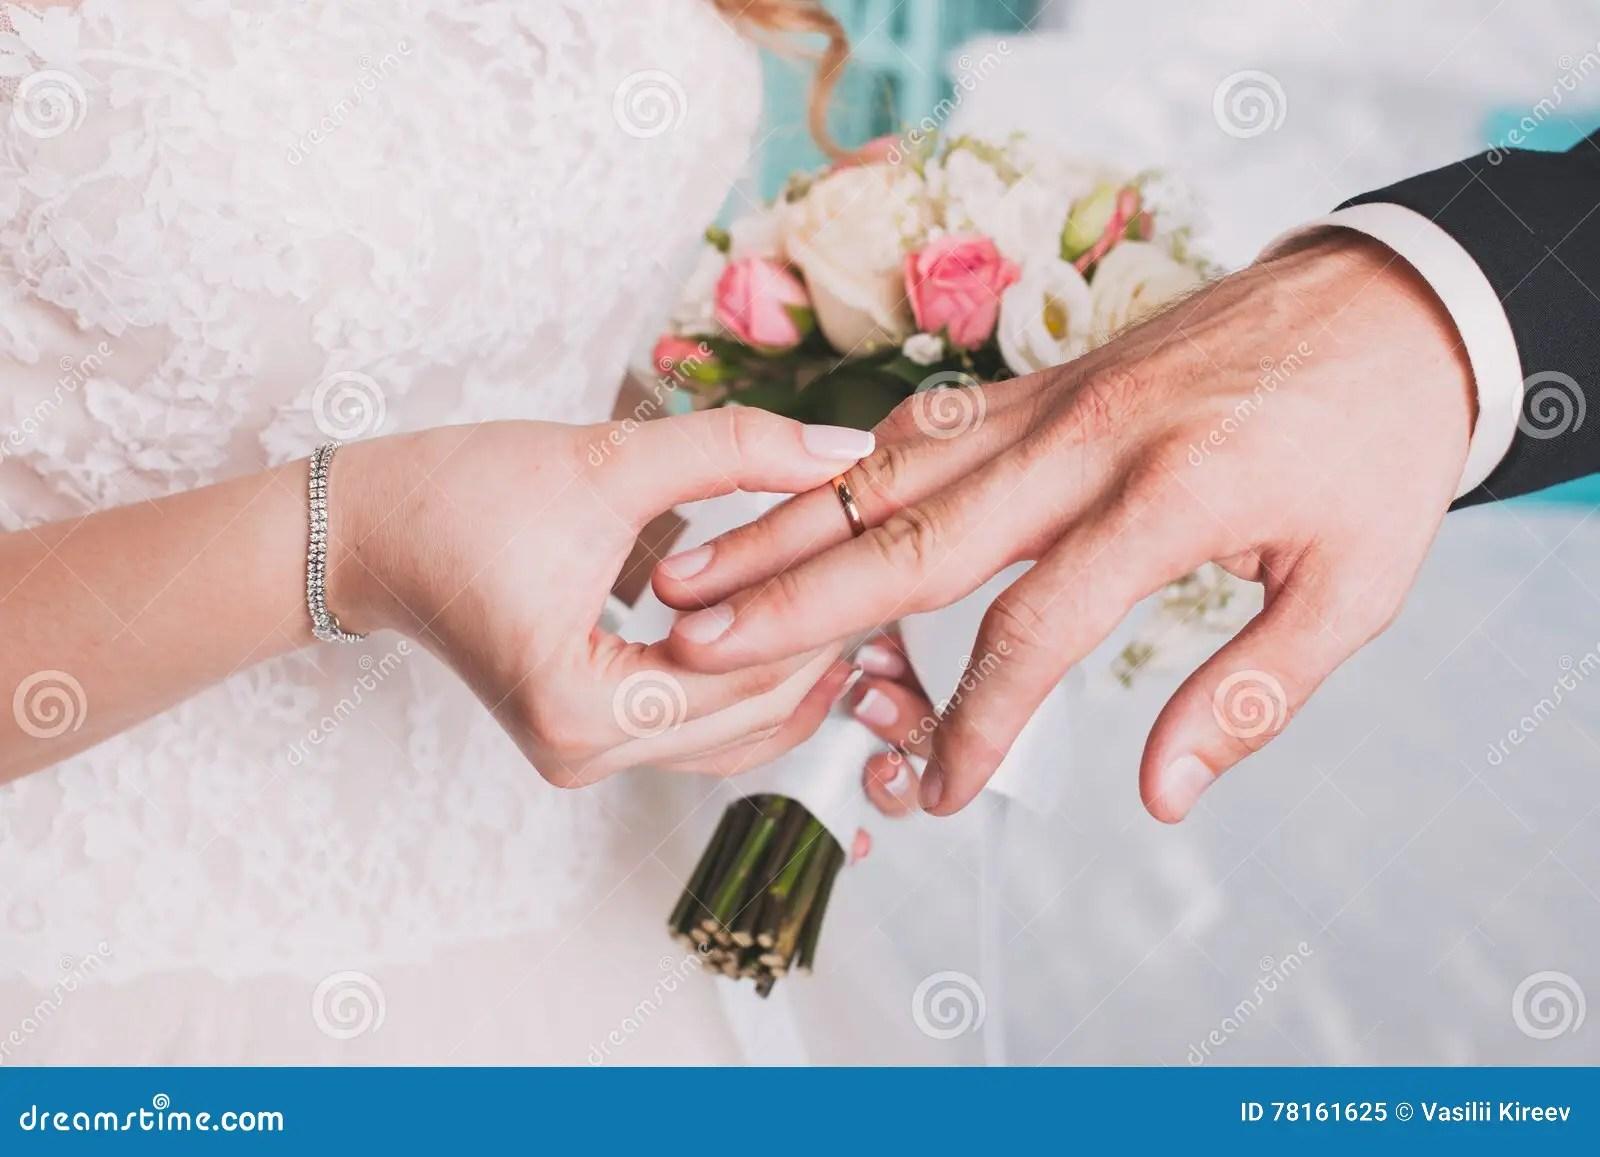 The Couple Exchange Wedding Rings Stock Image - Image of ...